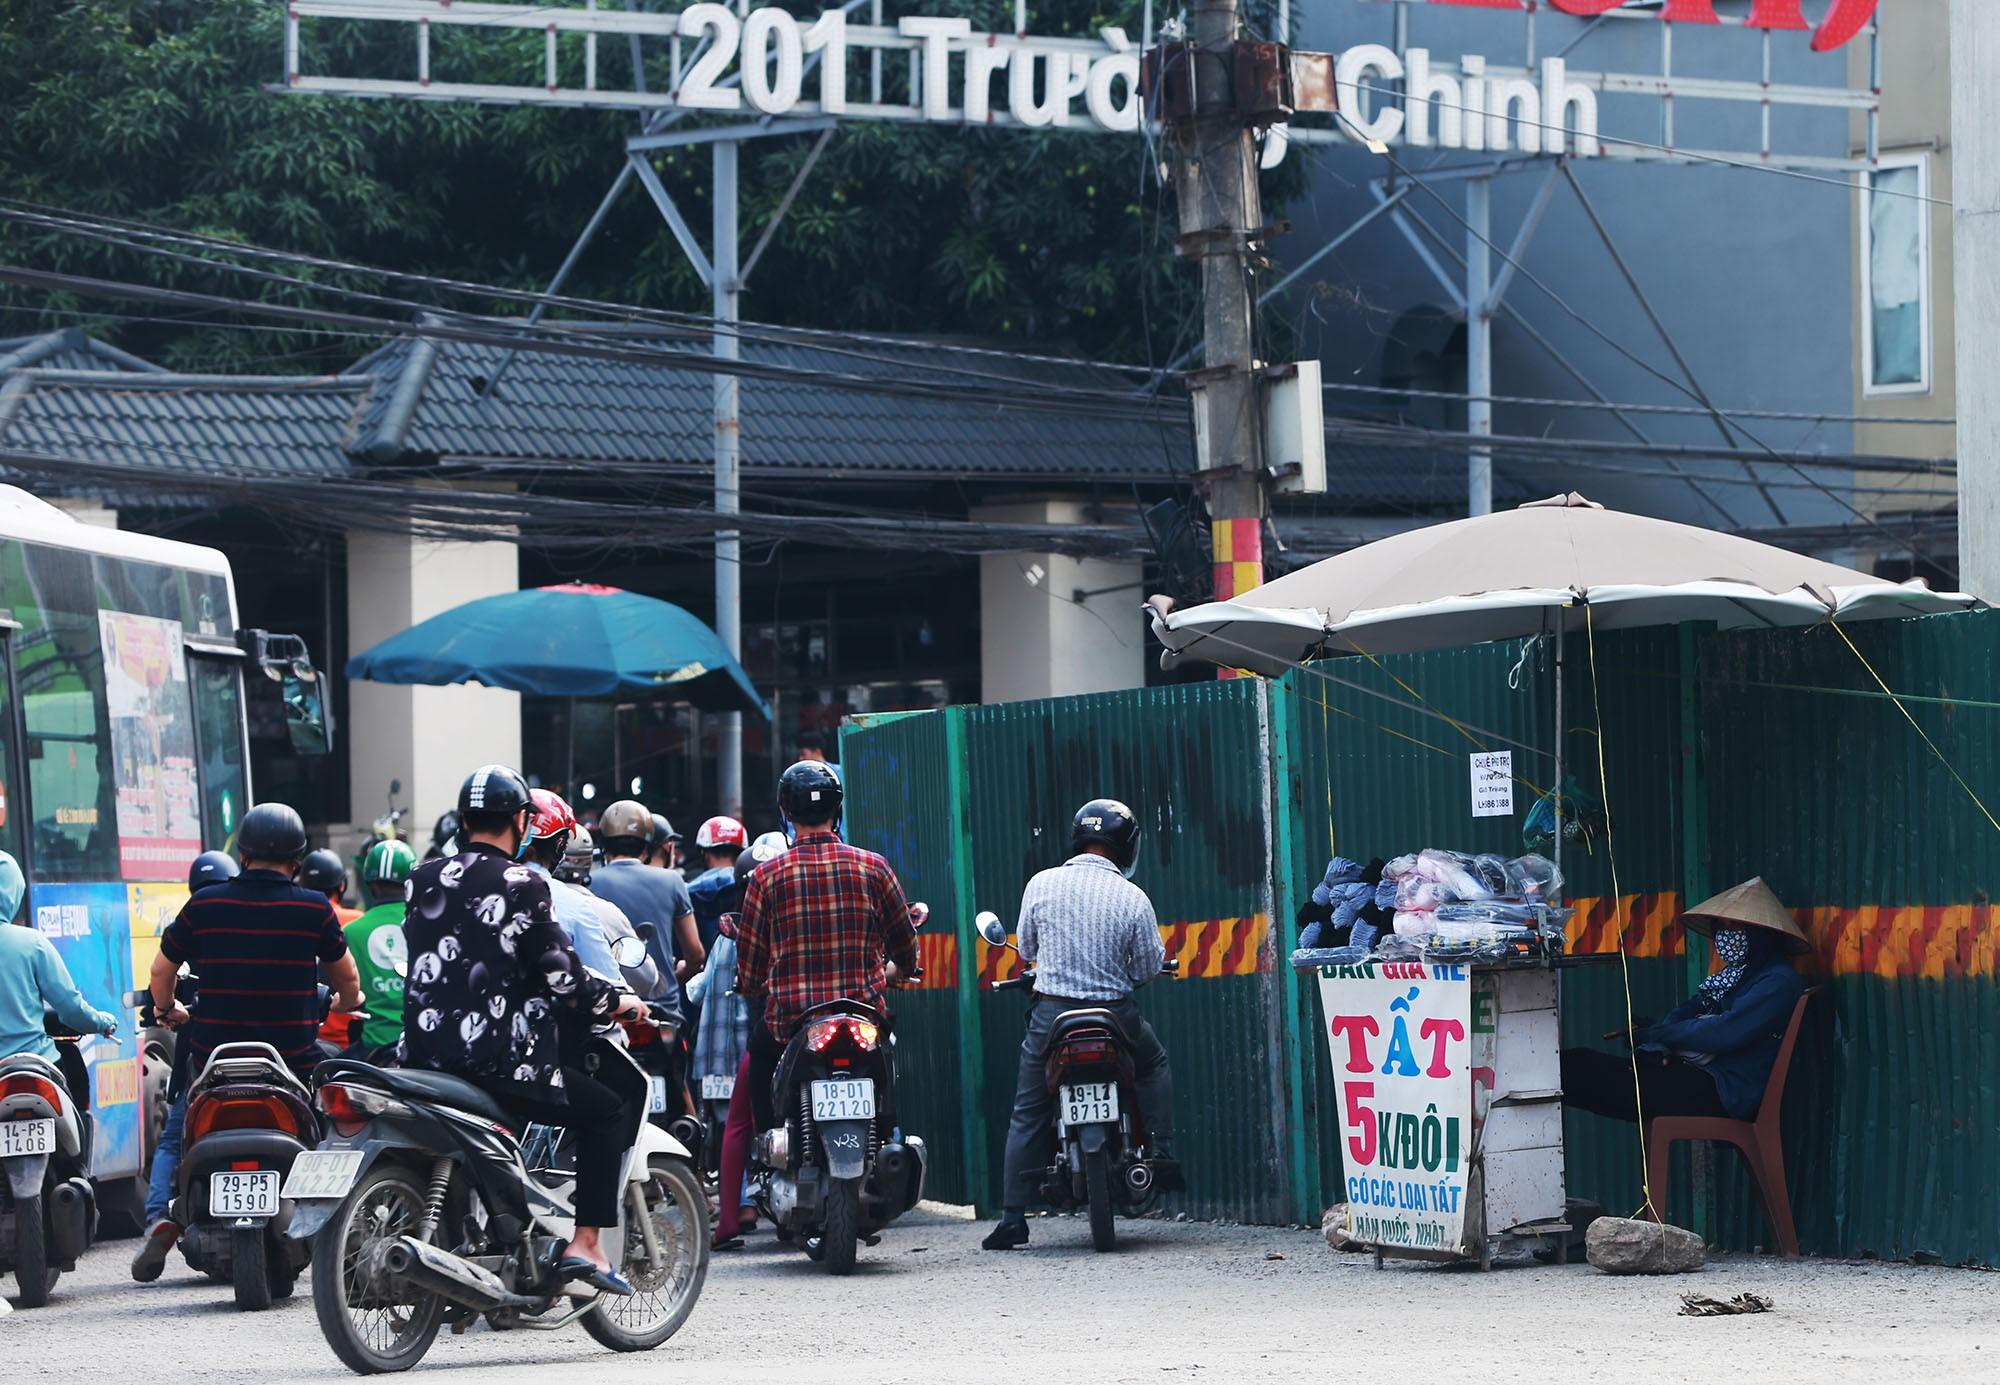 Hà Nội: Rác thải vứt bừa bãi dưới chân công trường đường vành đai 2 - Ảnh 11.